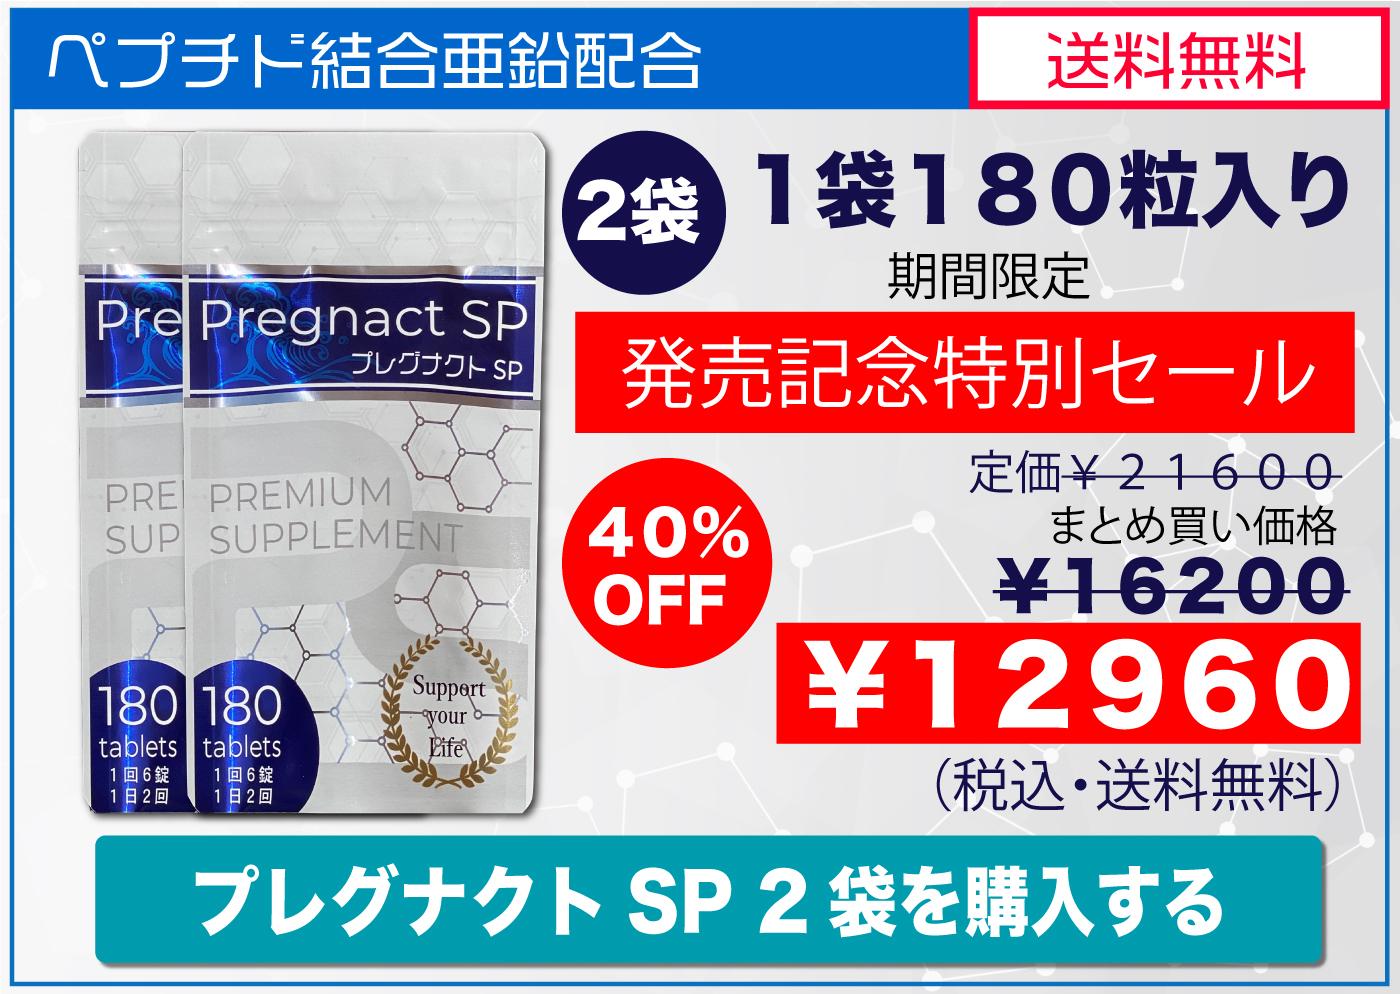 精子サプリメント